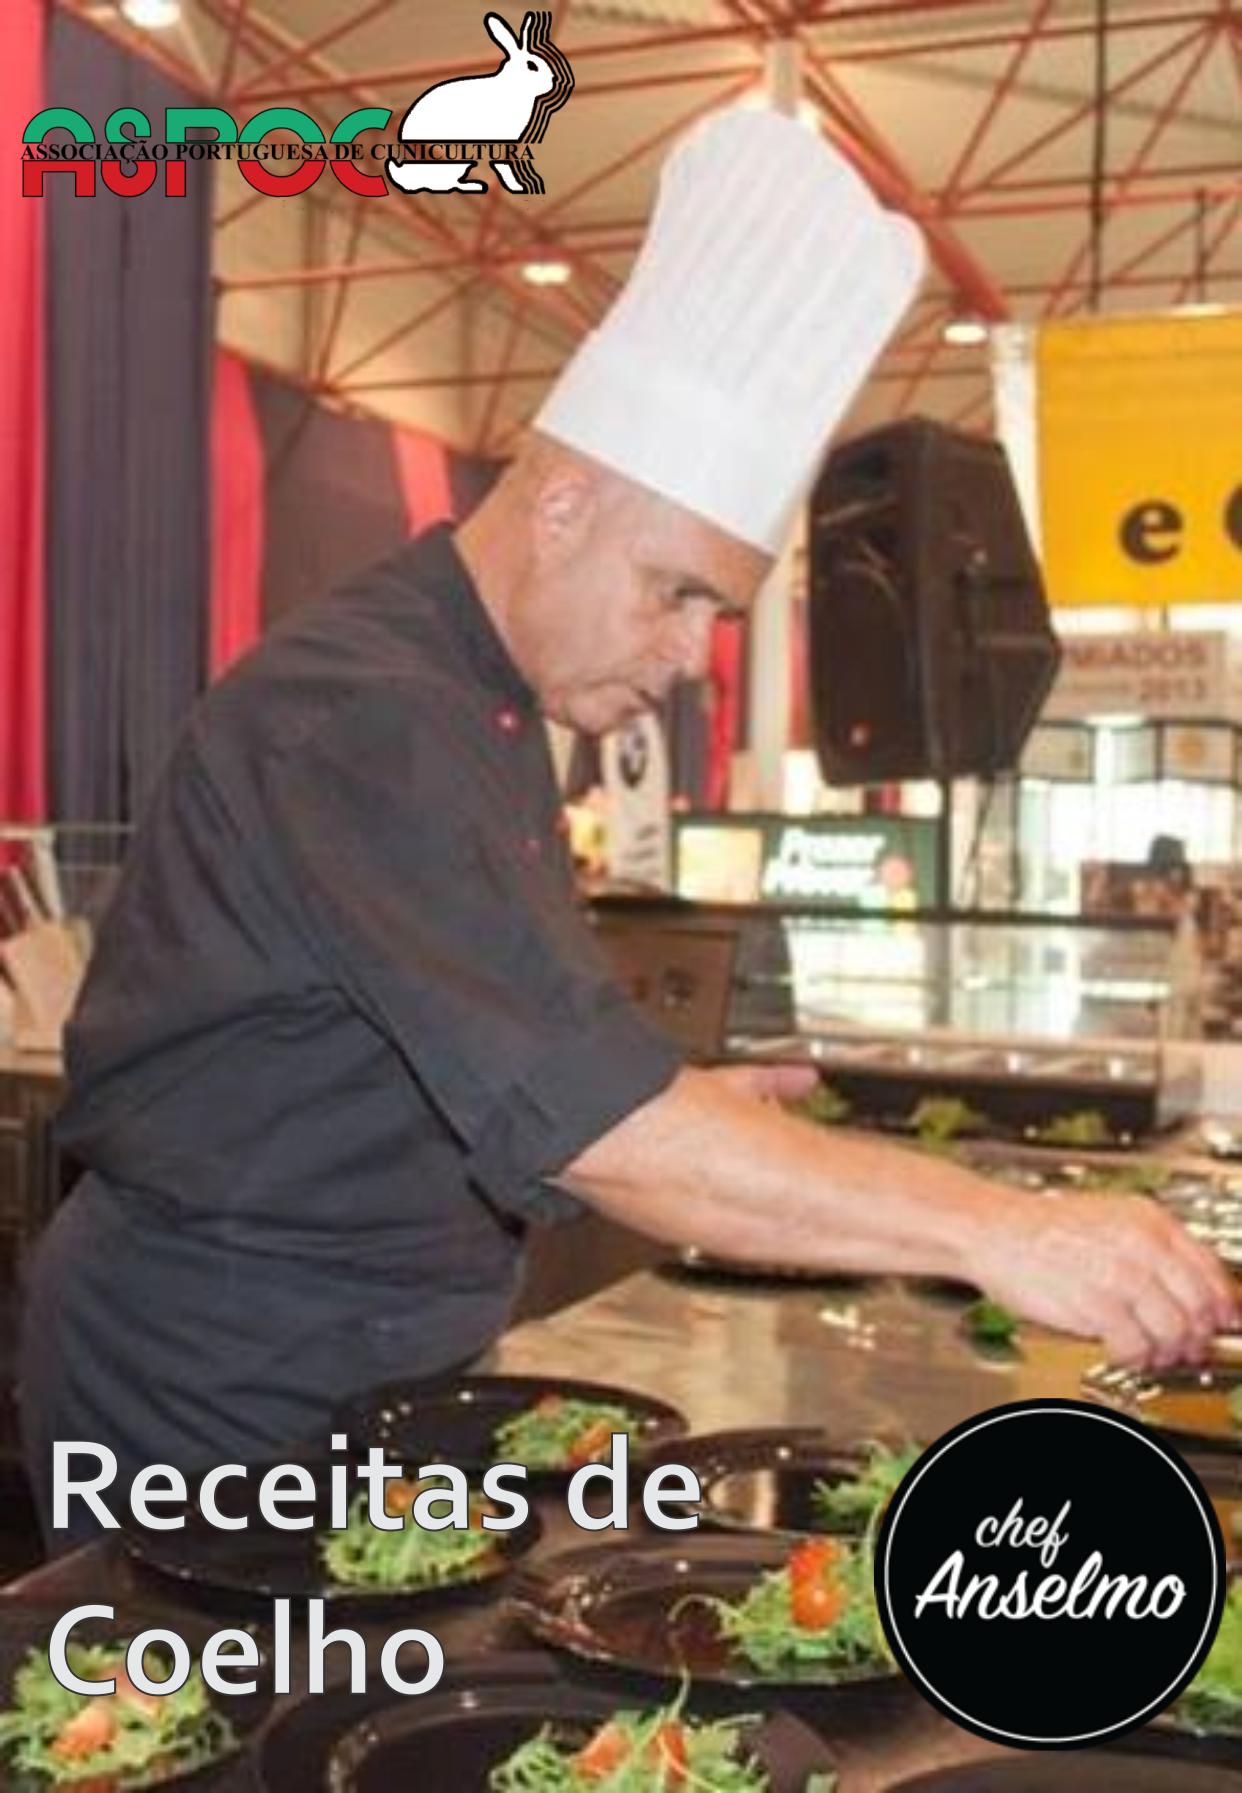 Chef Anselmo – Receitas de Coelho